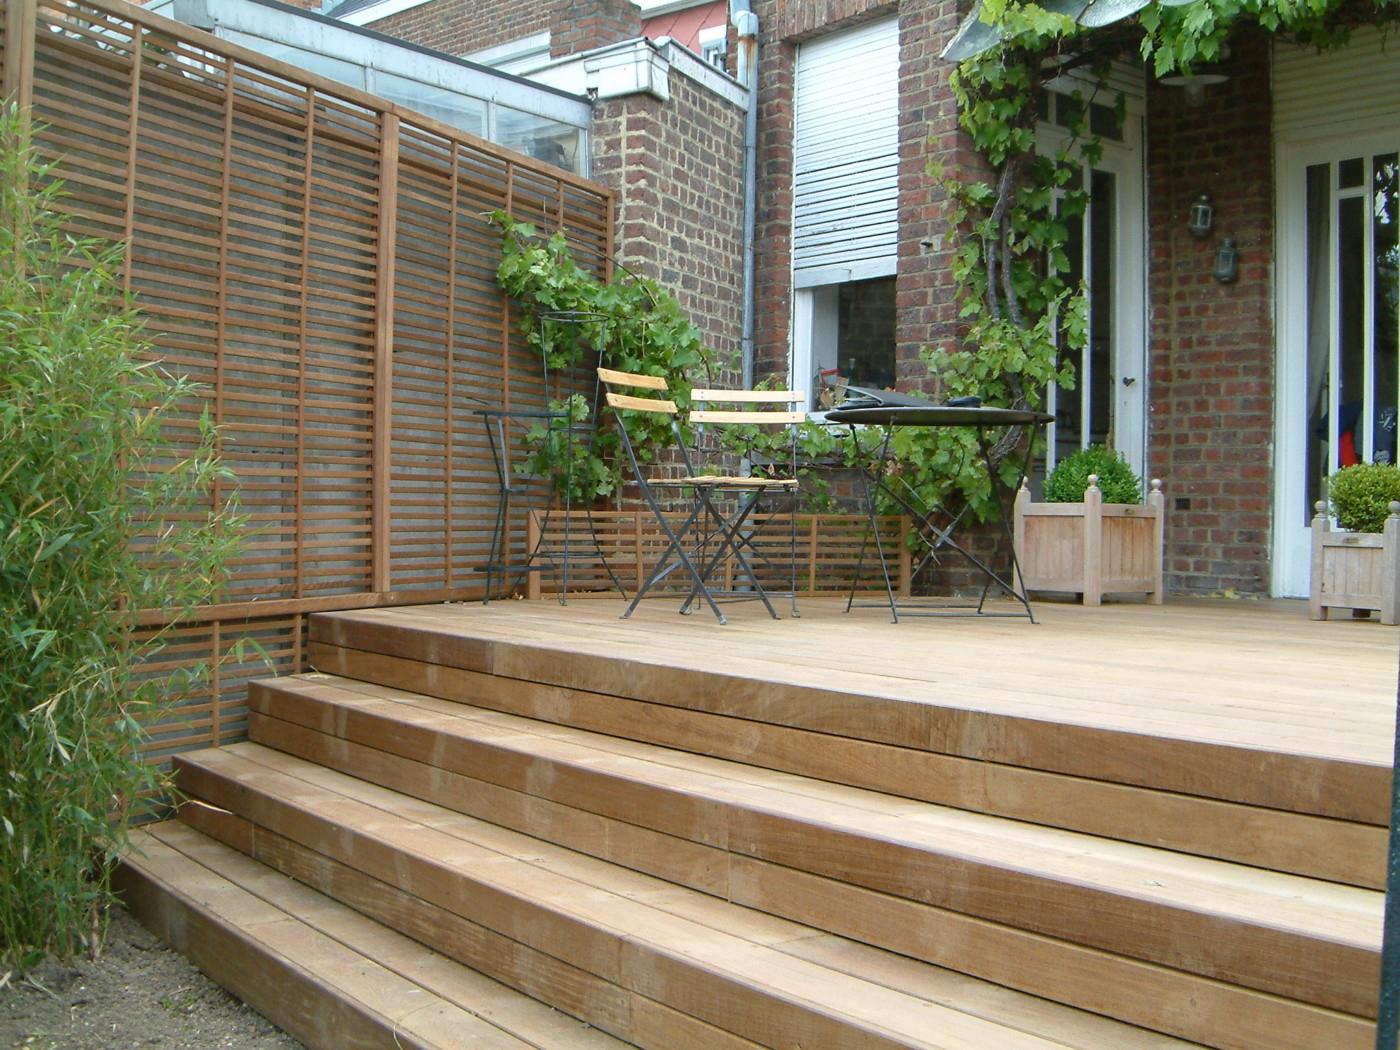 Escaliers En Bois Sur Mesure - Mt-Design dedans Construire Auvent De Terrasse En Bois